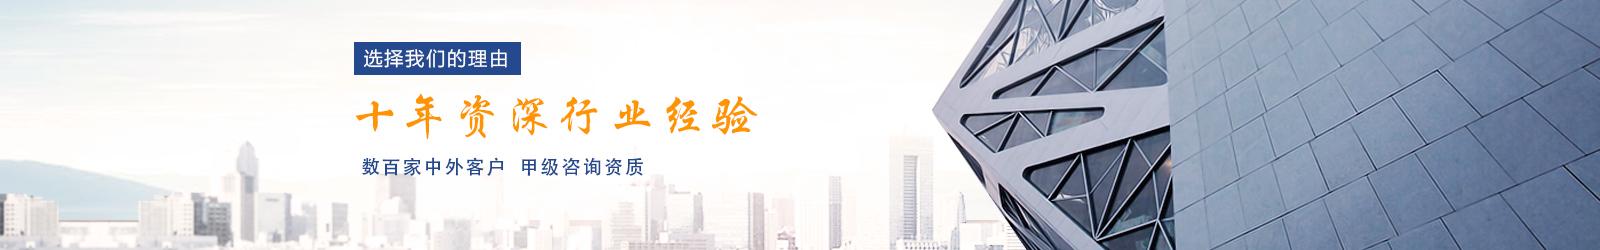 重庆商业计划书